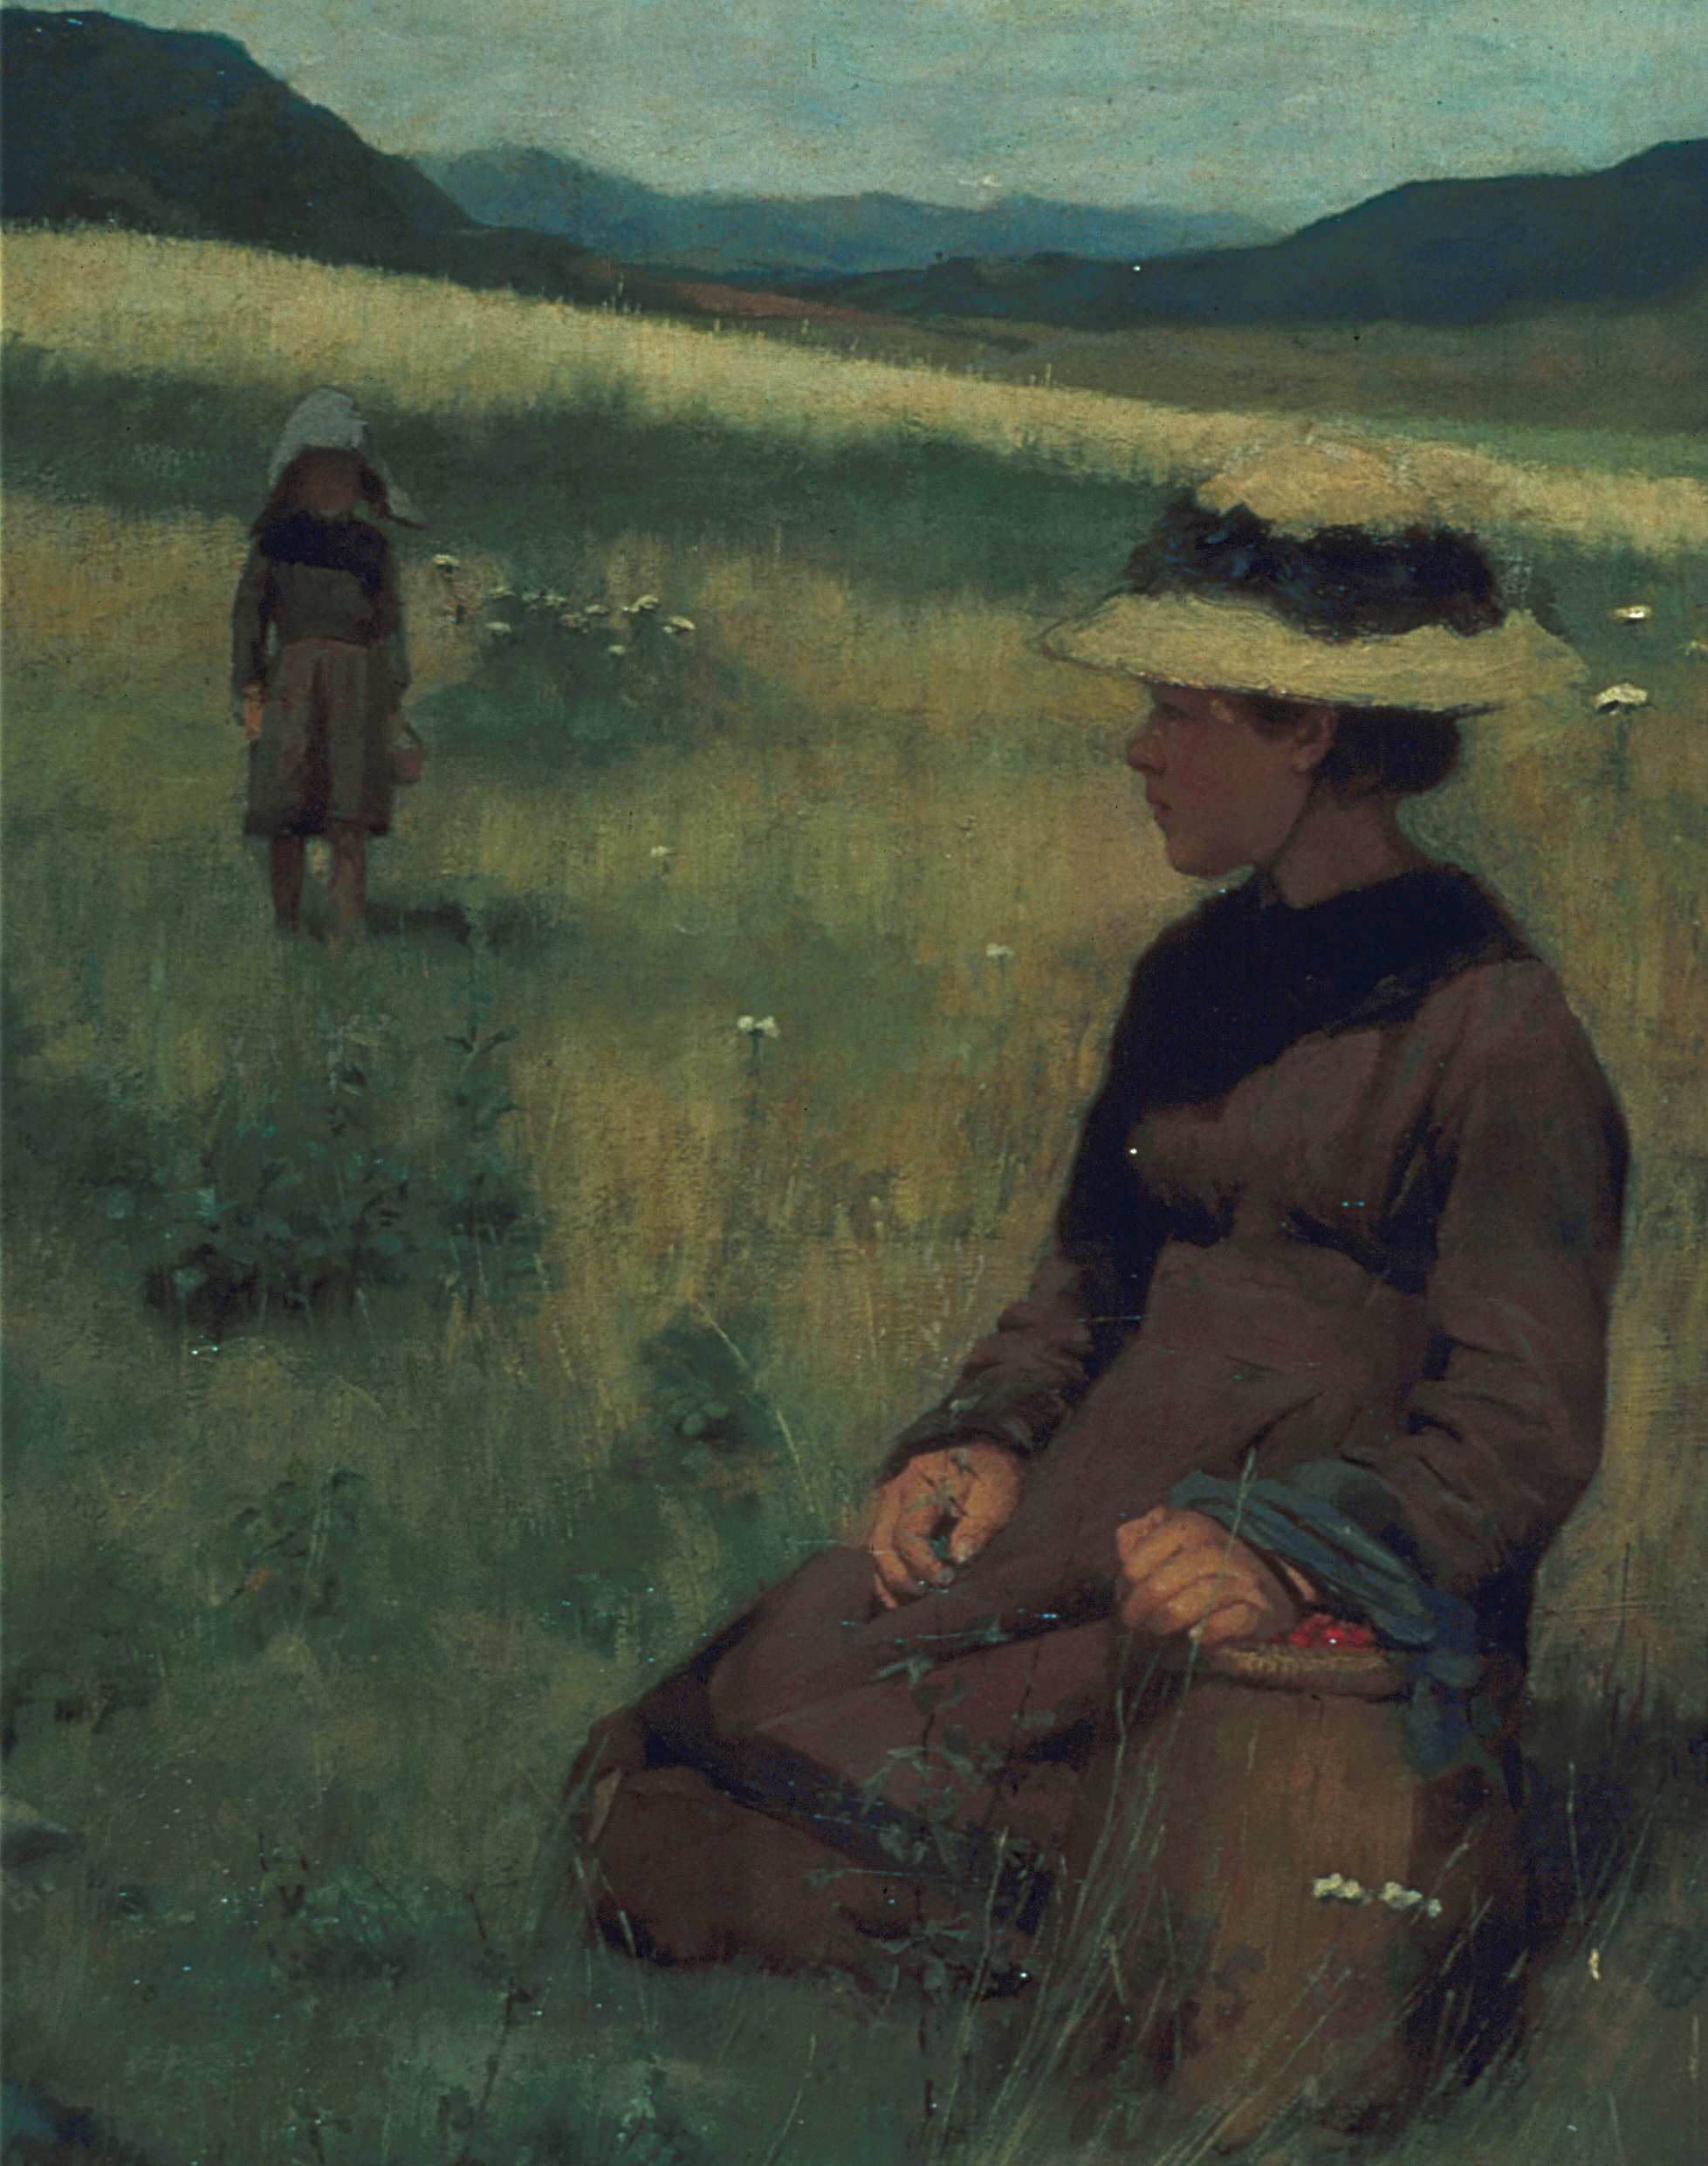 Peinture d'une jeune femme agenouillée dans un champ, cueillant des fraises des champs dans un paysage montagneux.